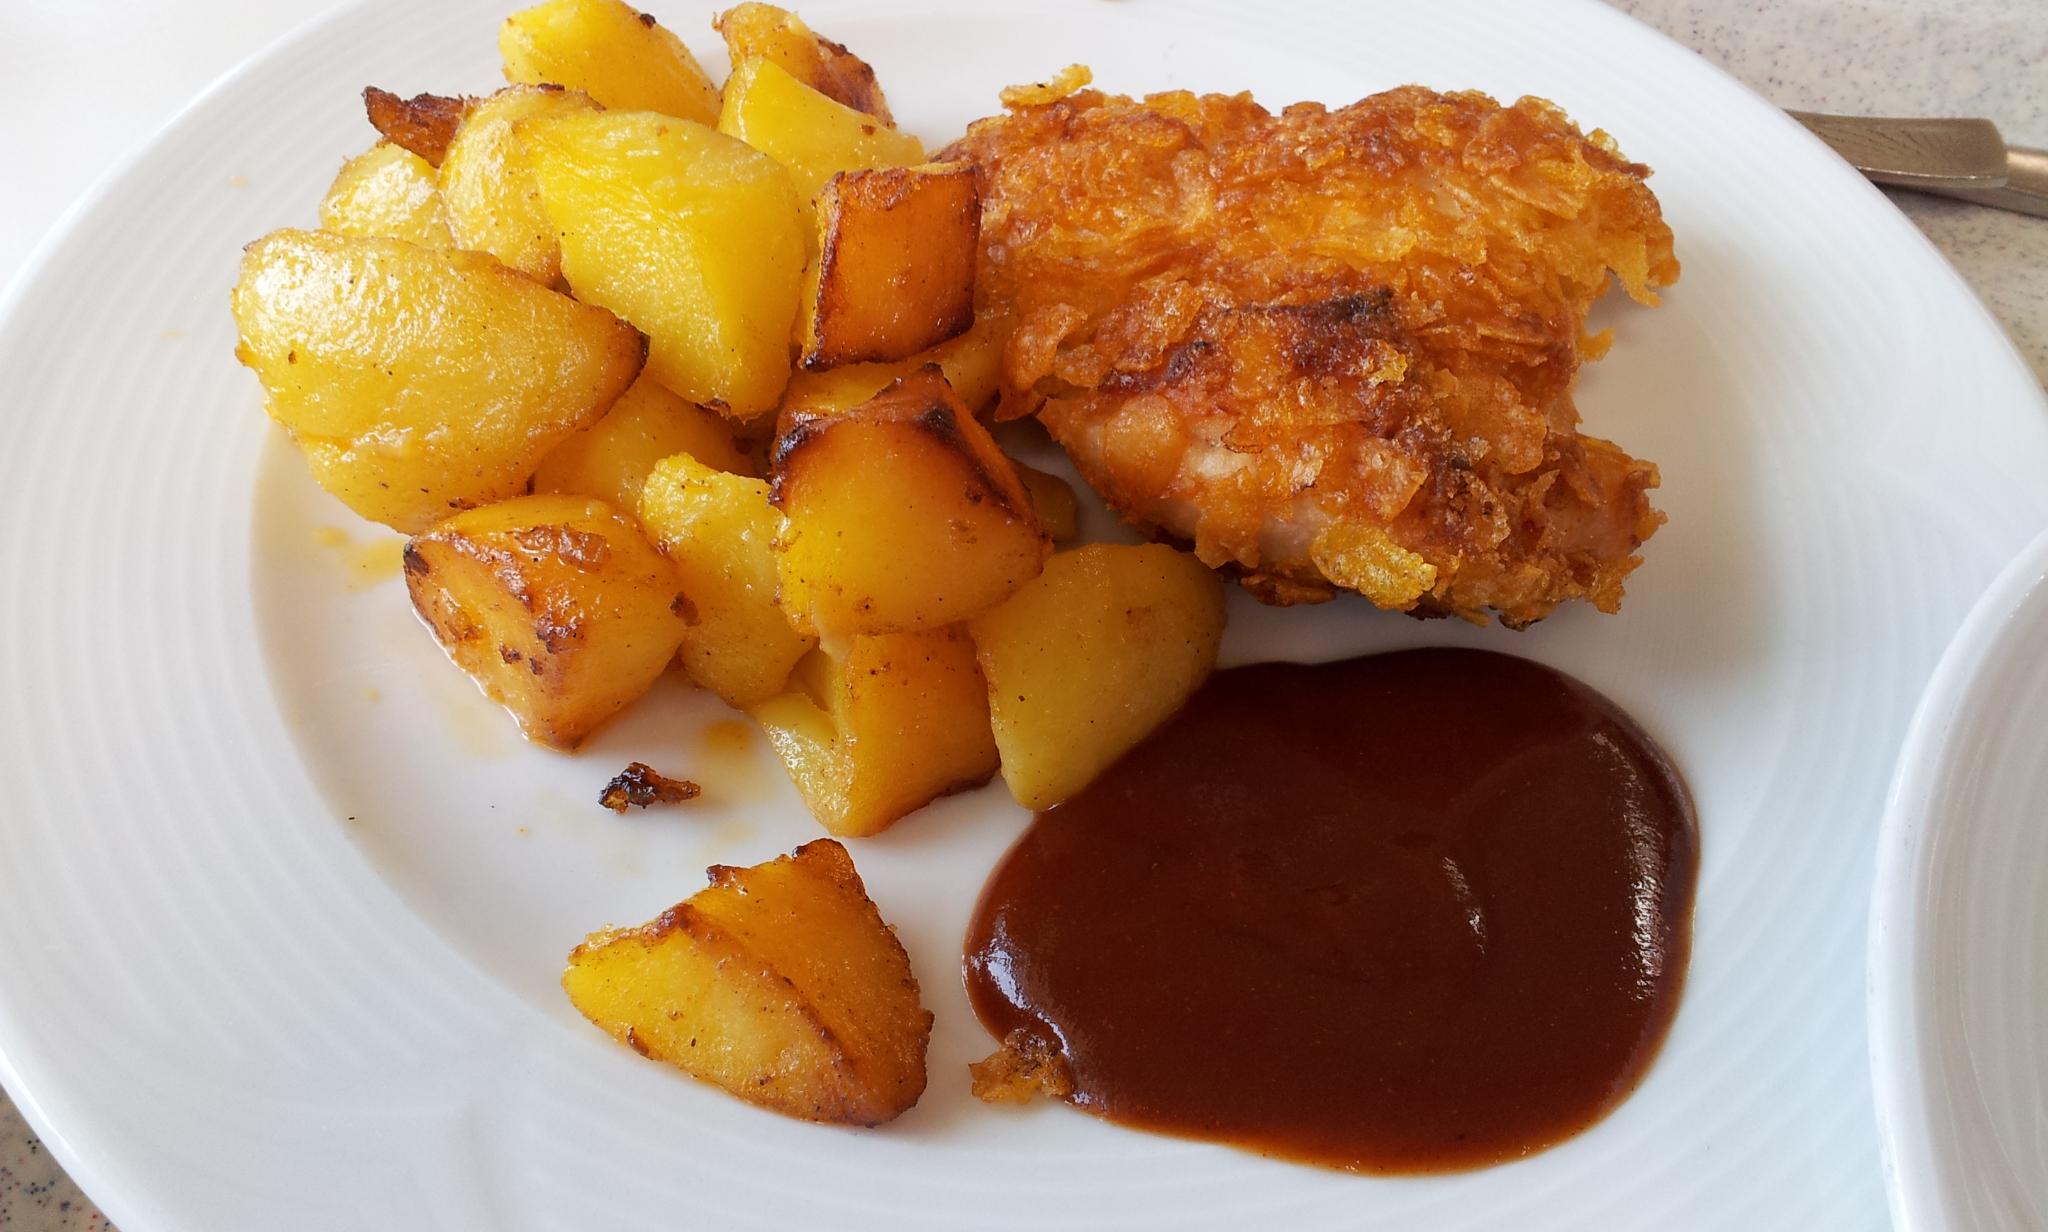 http://foodloader.net/Holz_2013-06-18_Schnitzel_mit_Bratkartoffeln.jpg